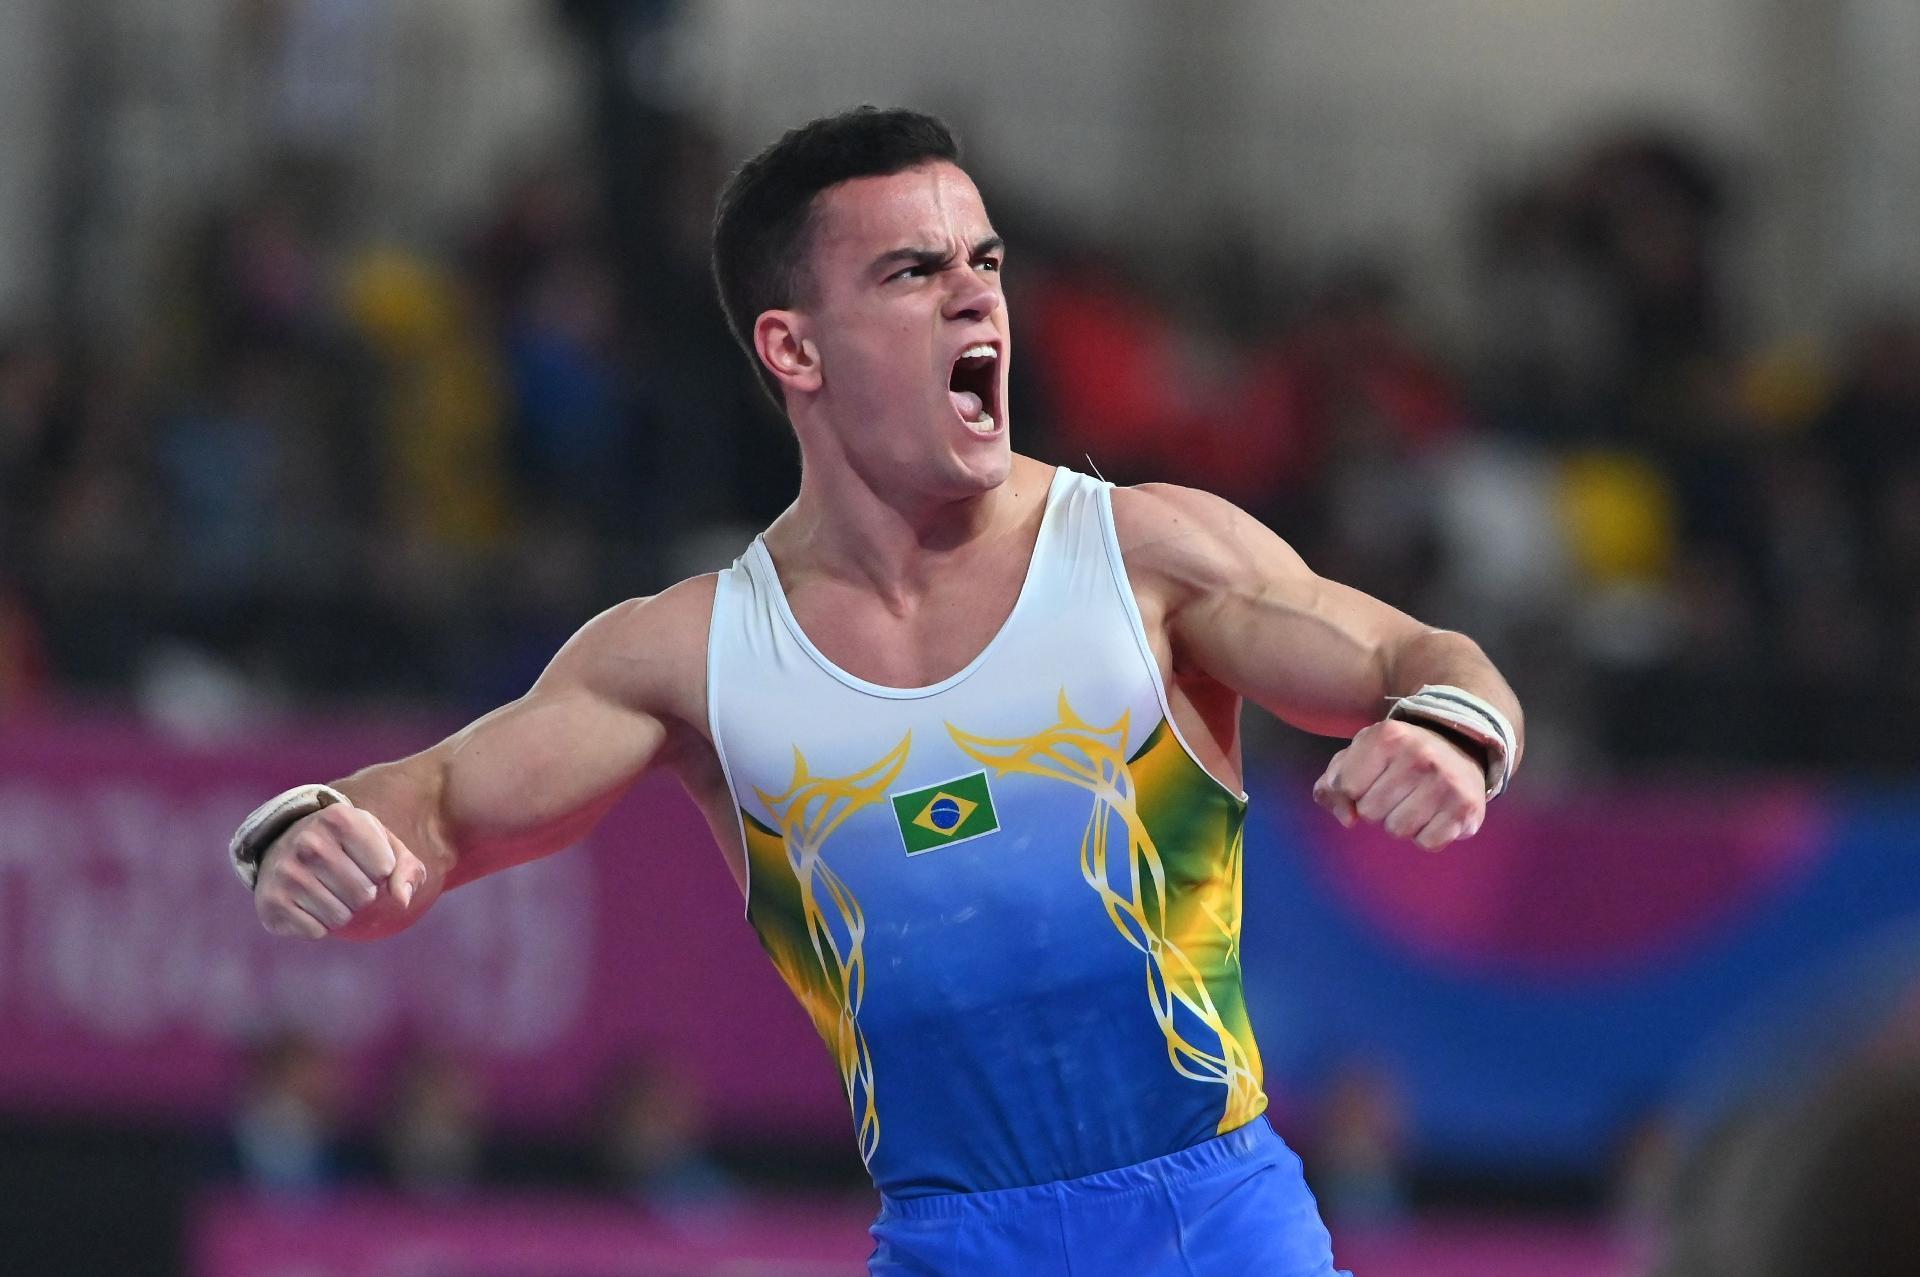 Caio Souza briga por medalhas no individual geral em Stuttgart